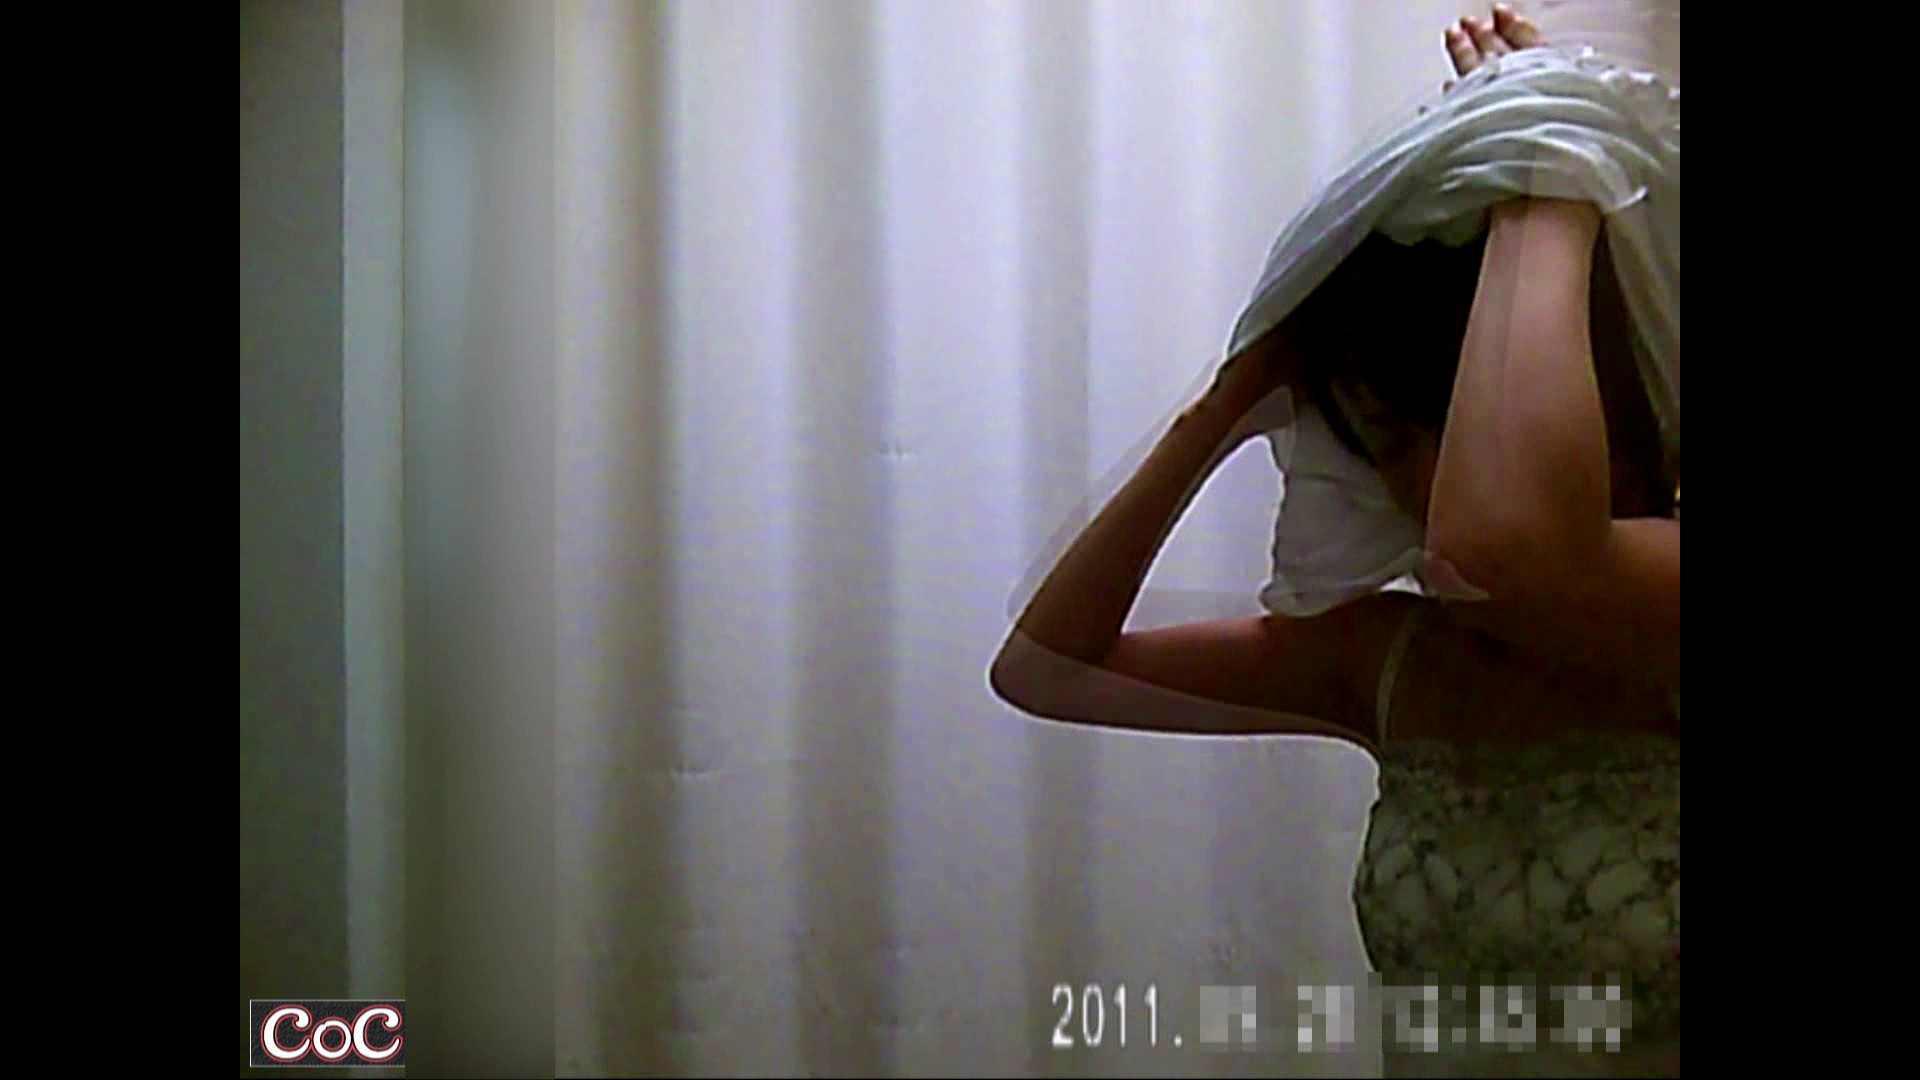 病院おもいっきり着替え! vol.41 おっぱい特集 のぞき動画画像 104pic 53